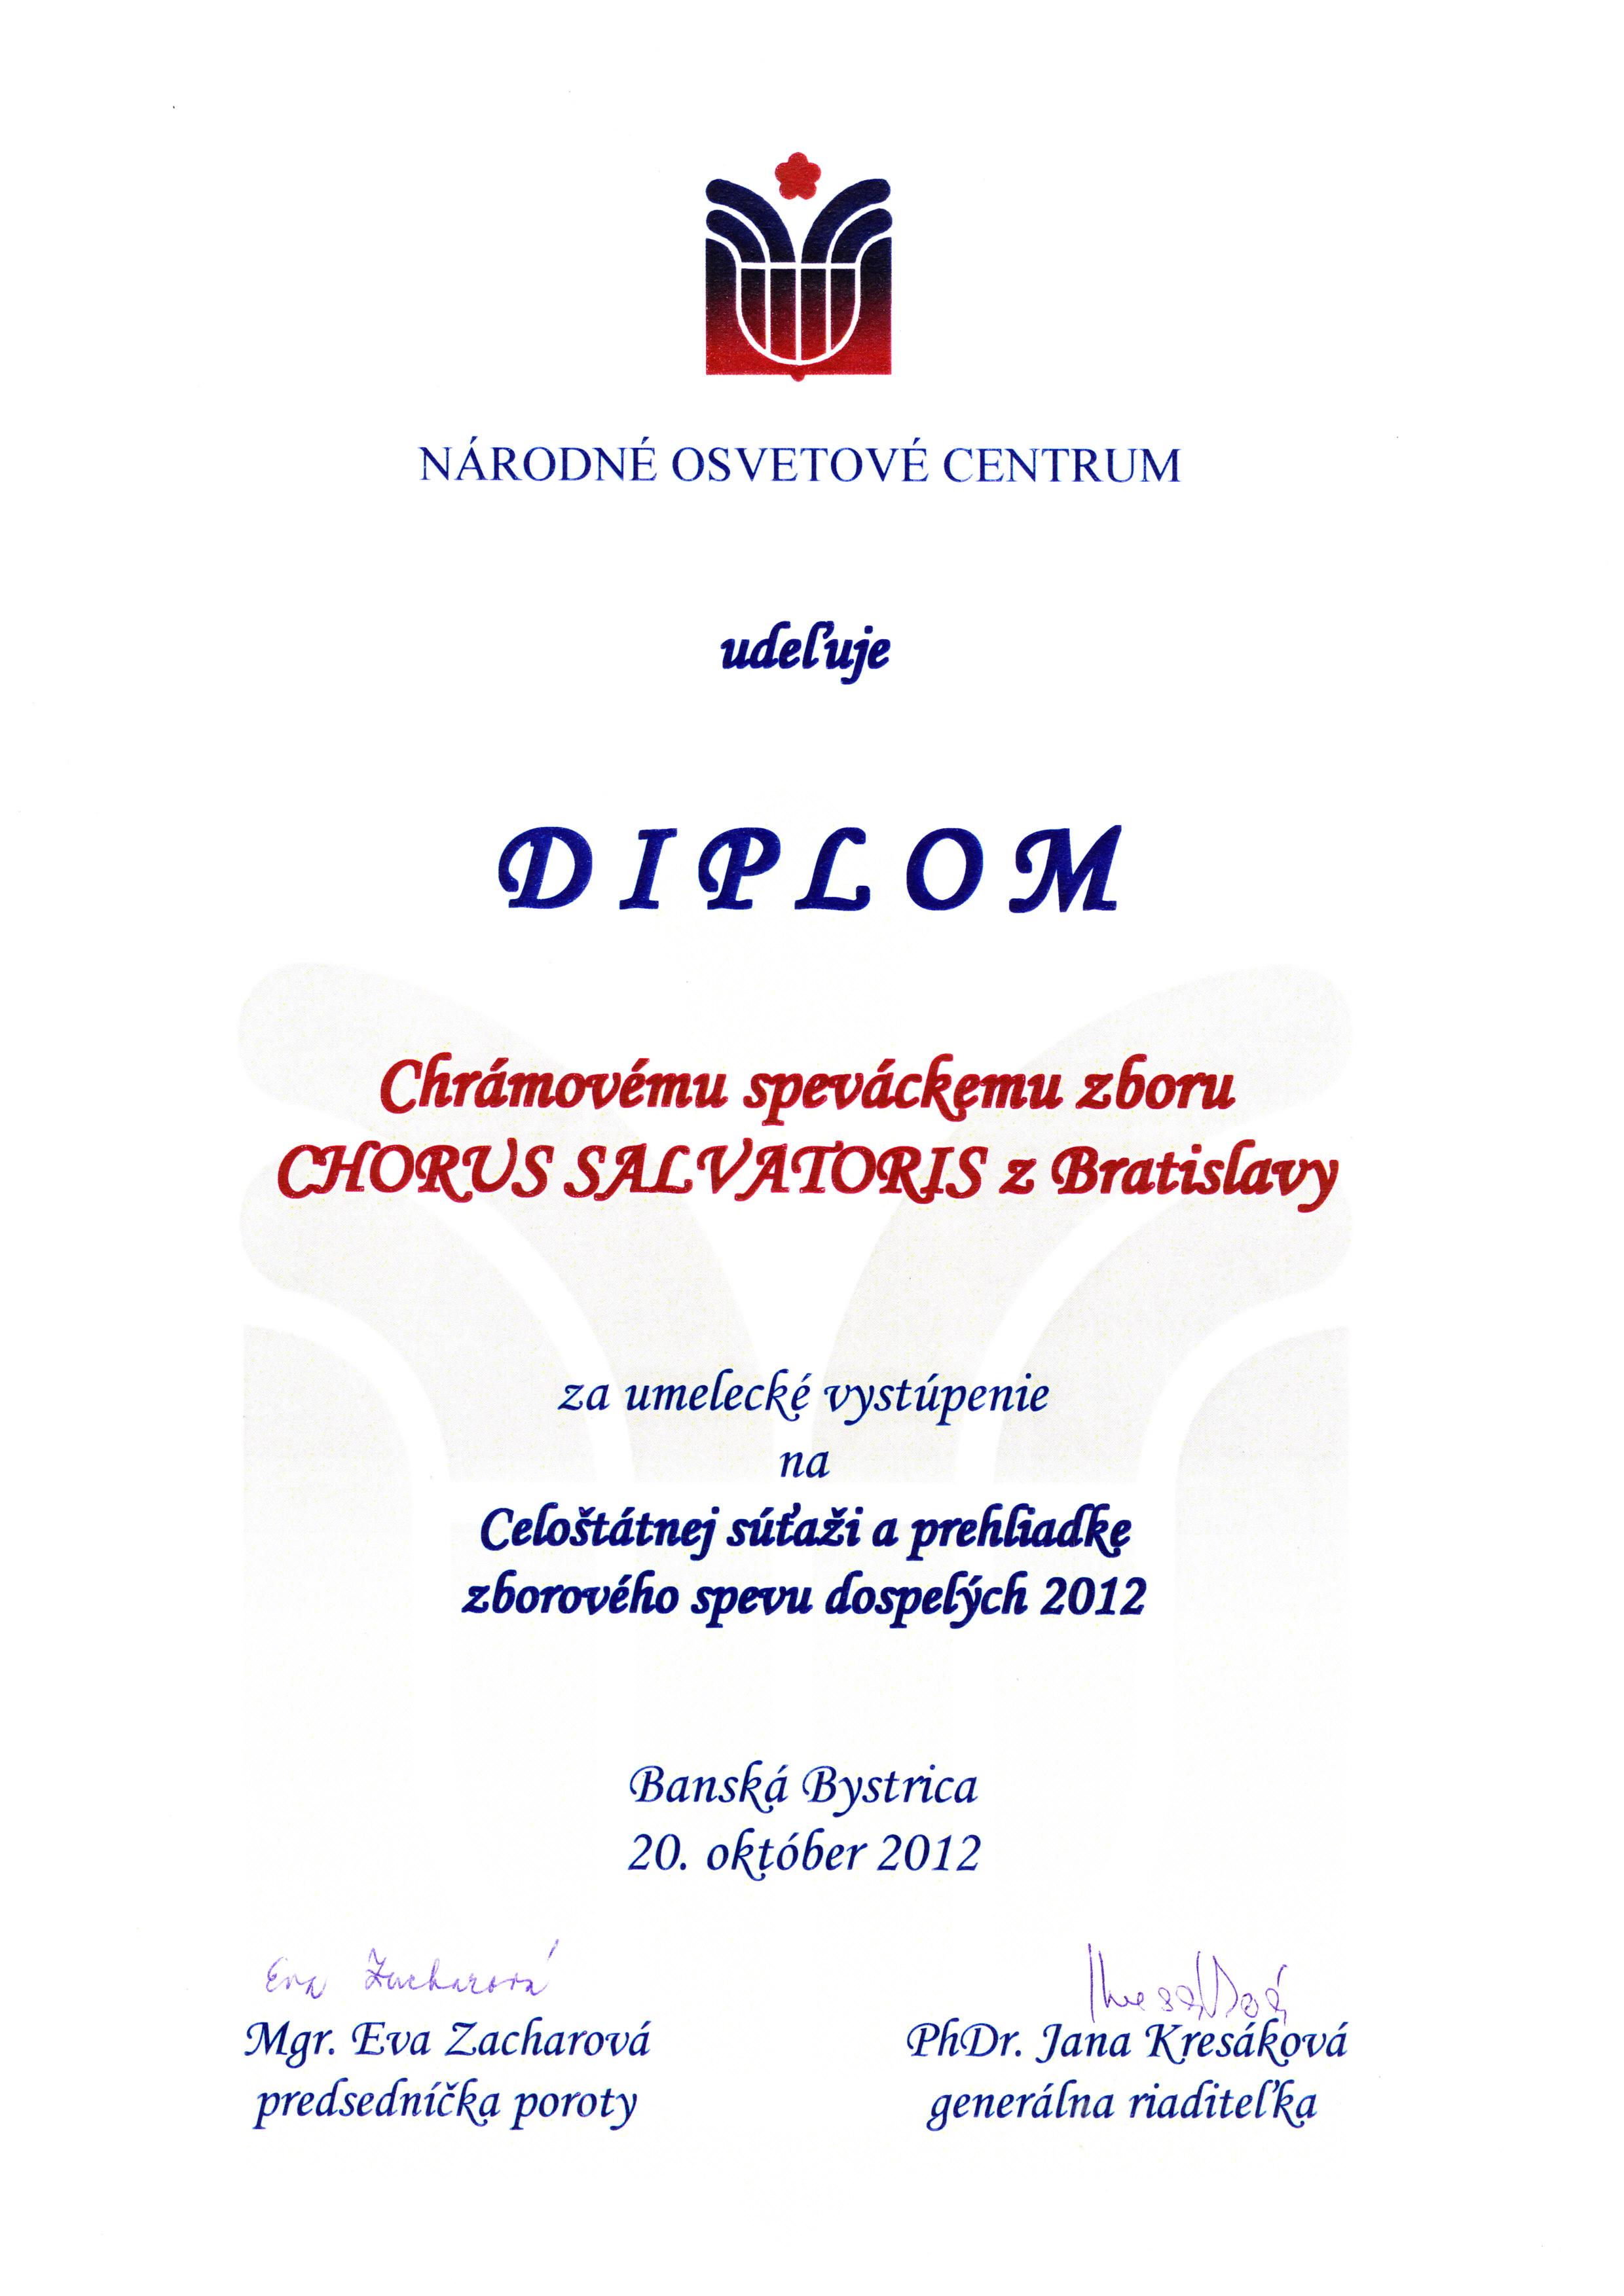 Diplom za umelecké vystúpenie v Celoštátnej súťaži a prehliadke zborového spevu dospelých Banská Bystrica (20. októbra 2012)